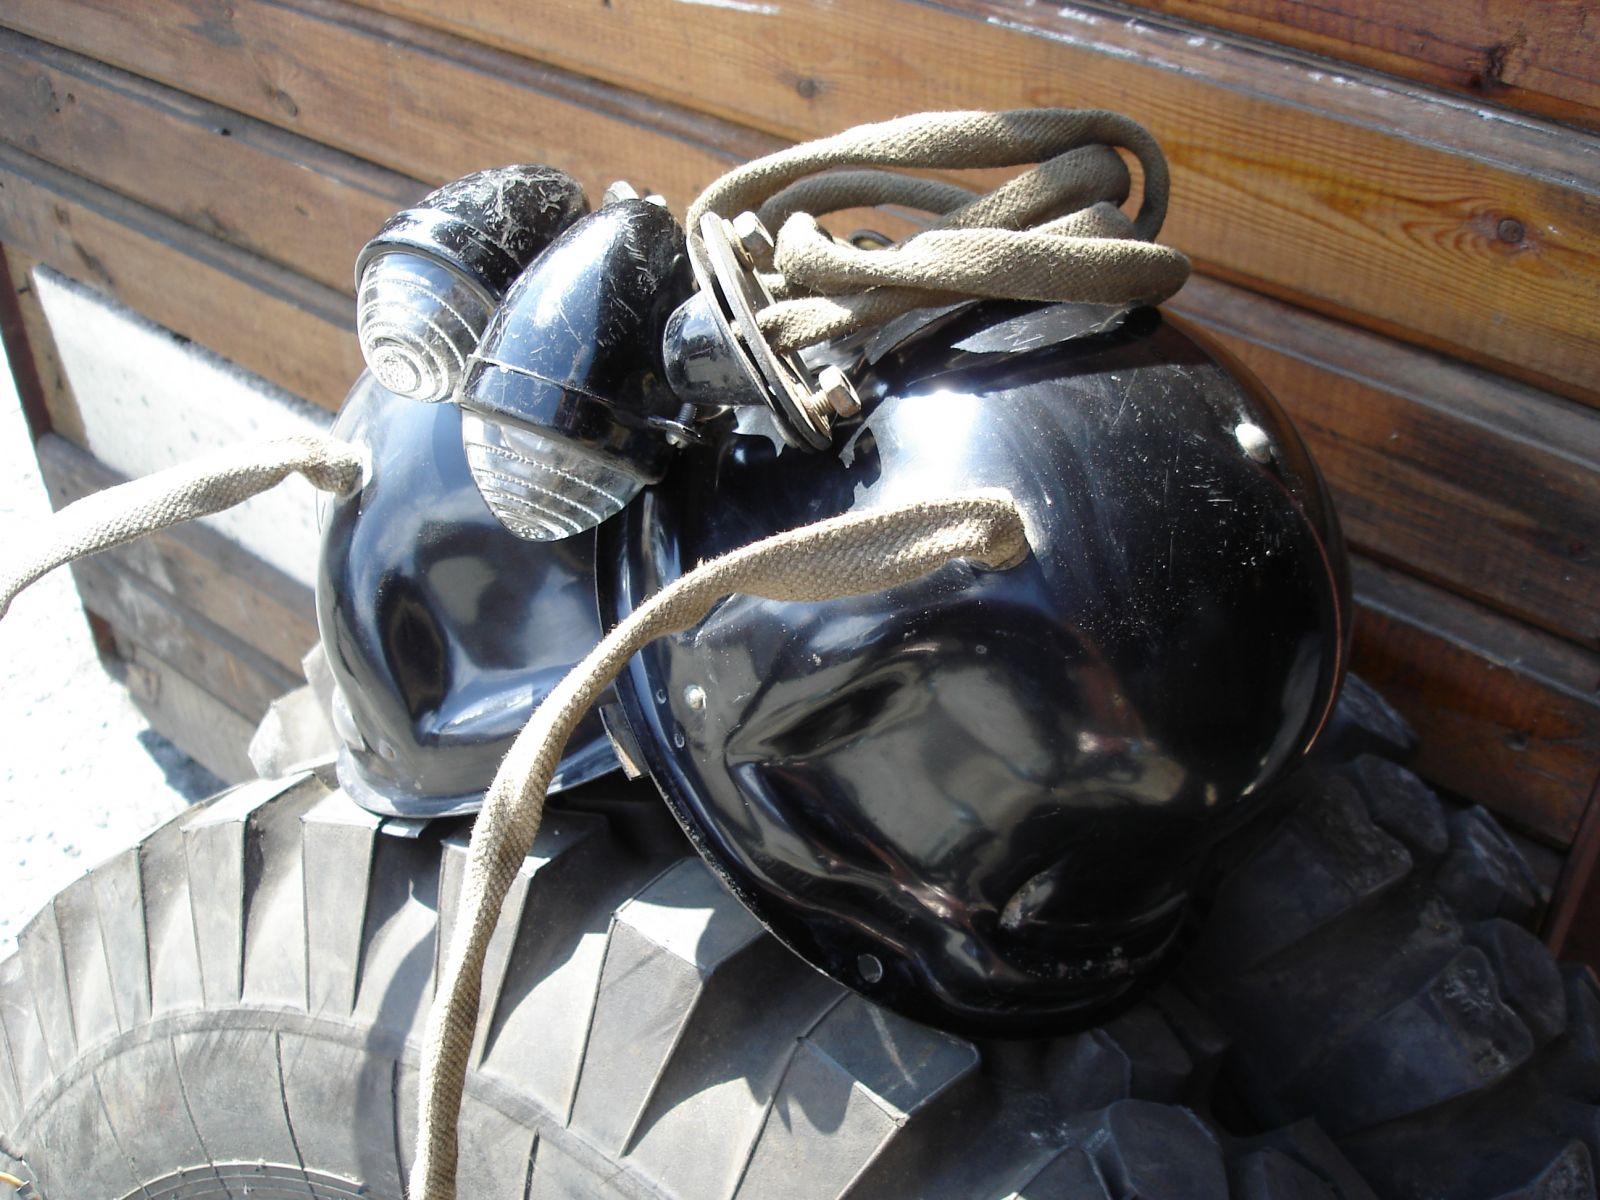 Снятая с машины головная оптика. Корпус фары большой. Защита проводов - брезентовый рукав. Штампы на горшках и дракончиках -1962.